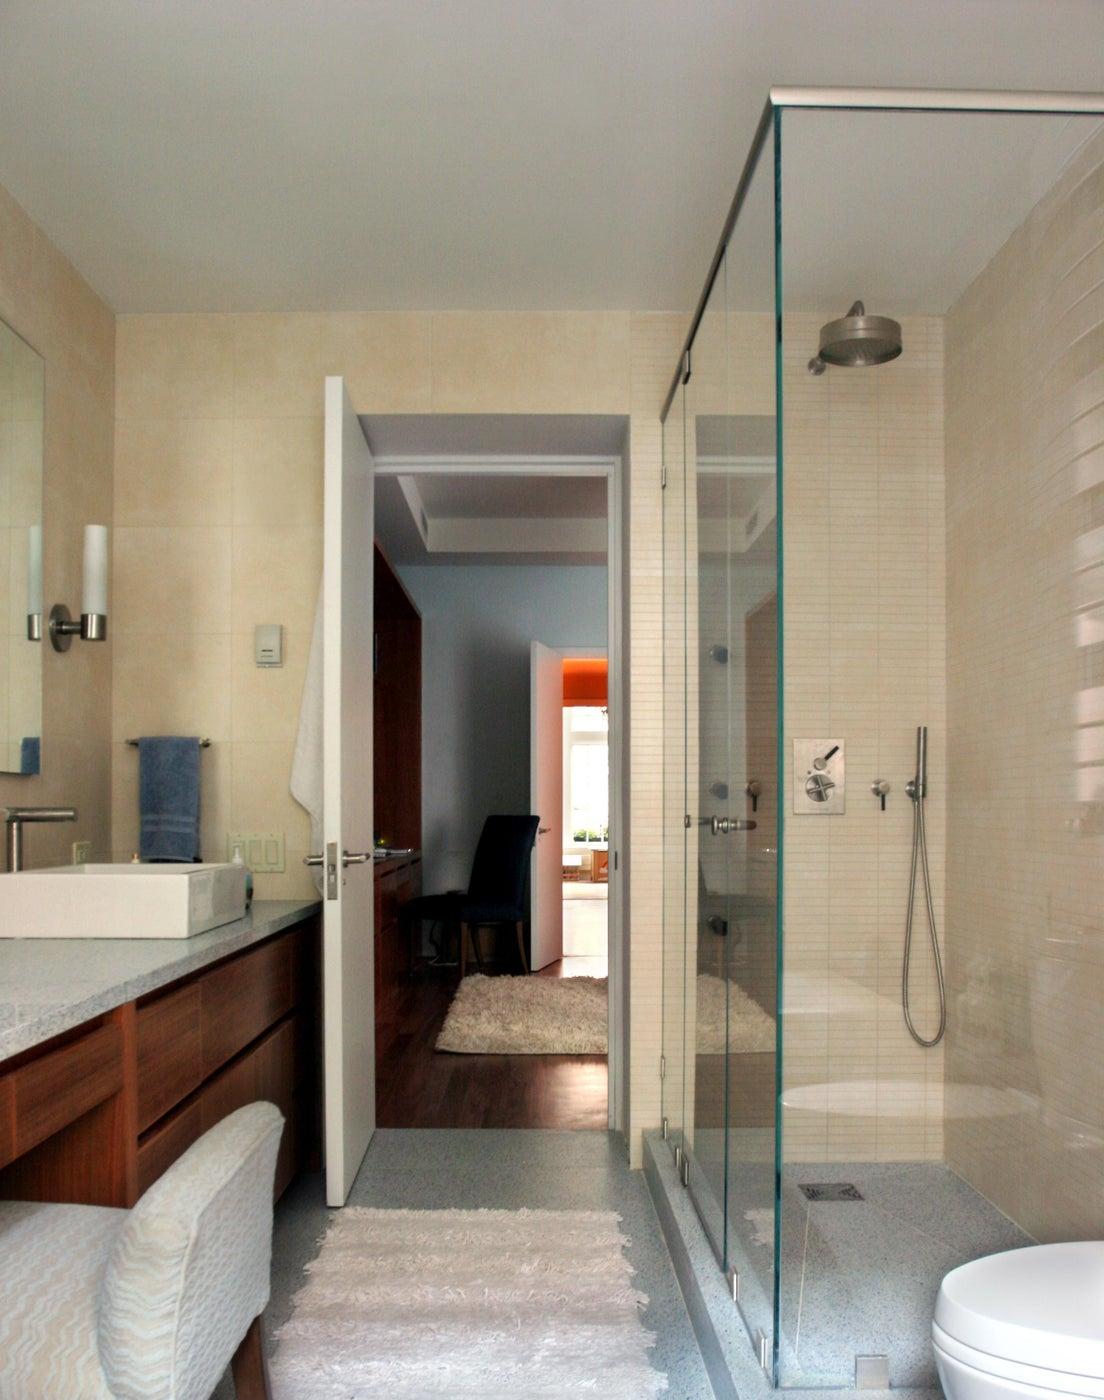 Gleicher Eco-Friendly Townhouse Master Bathroom Shower